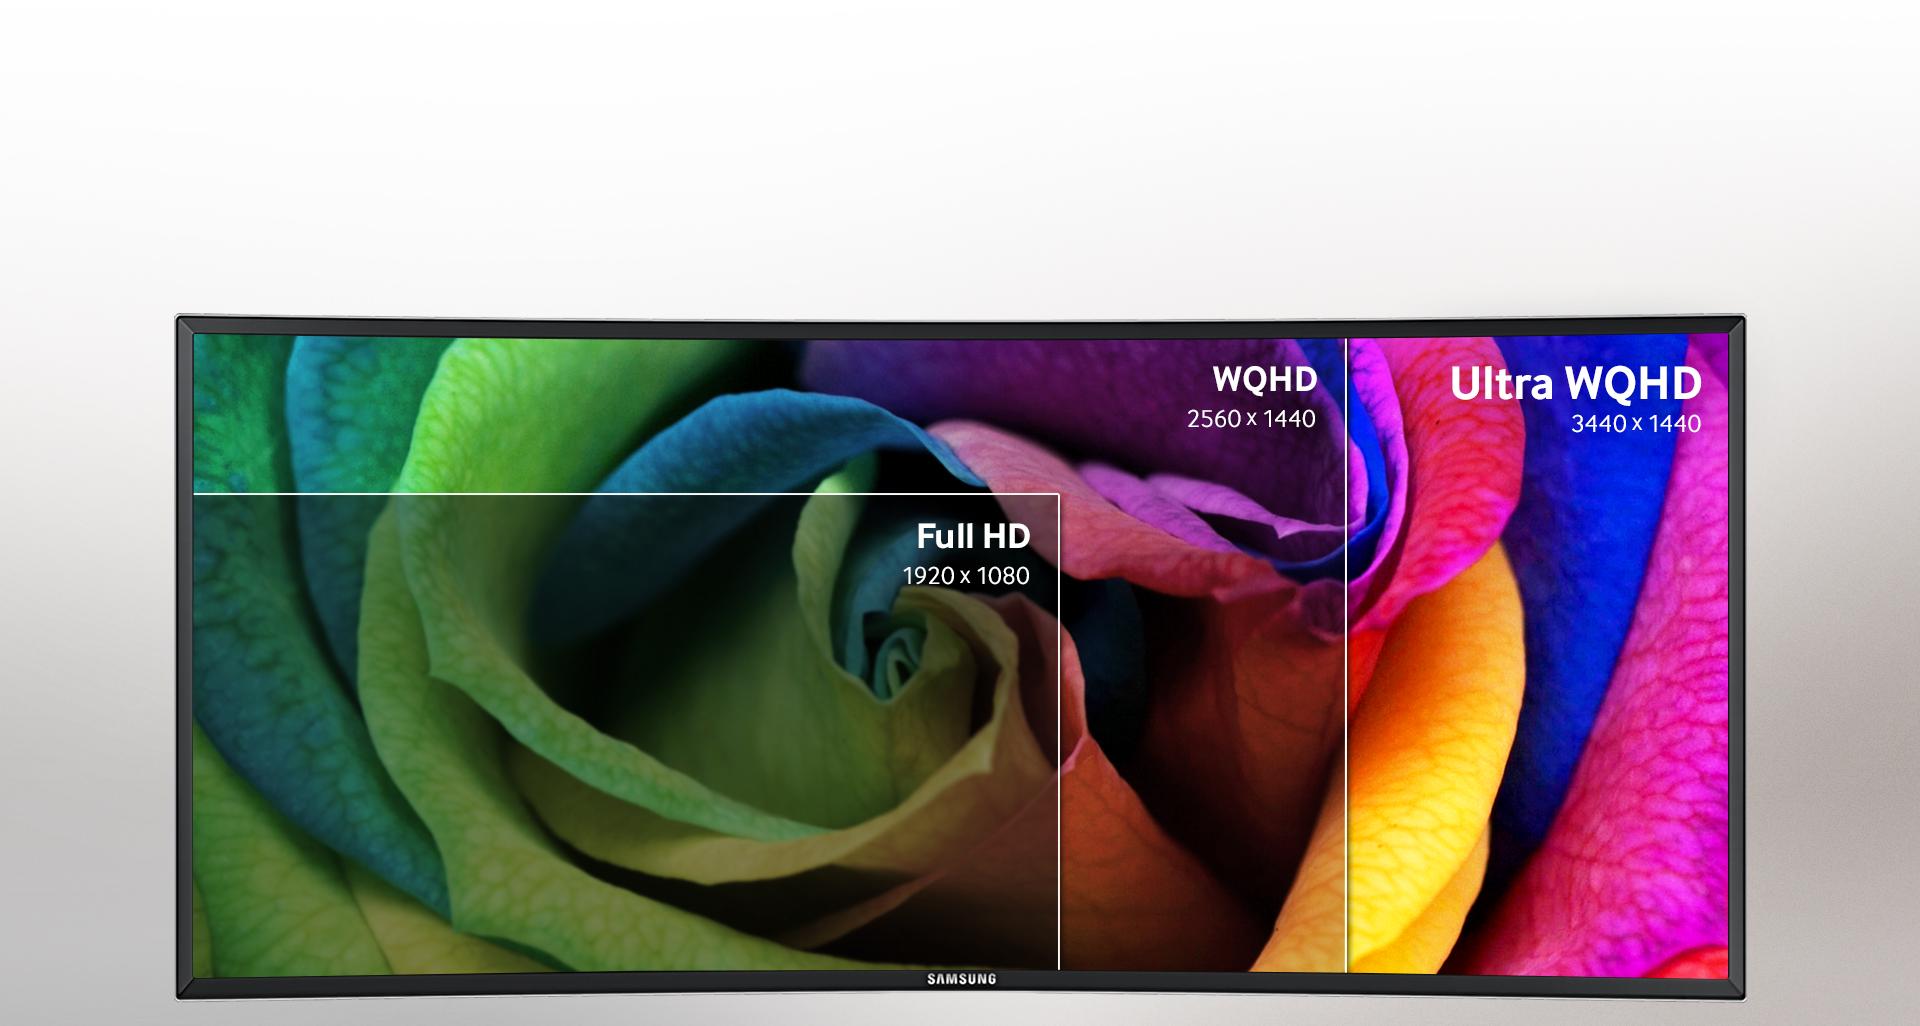 کیفیت تصویر خارق العاده را با صفحه نمایش Ultra WQHD و بهترین نسبت کنتراست موجود در بازار تجربه کنید